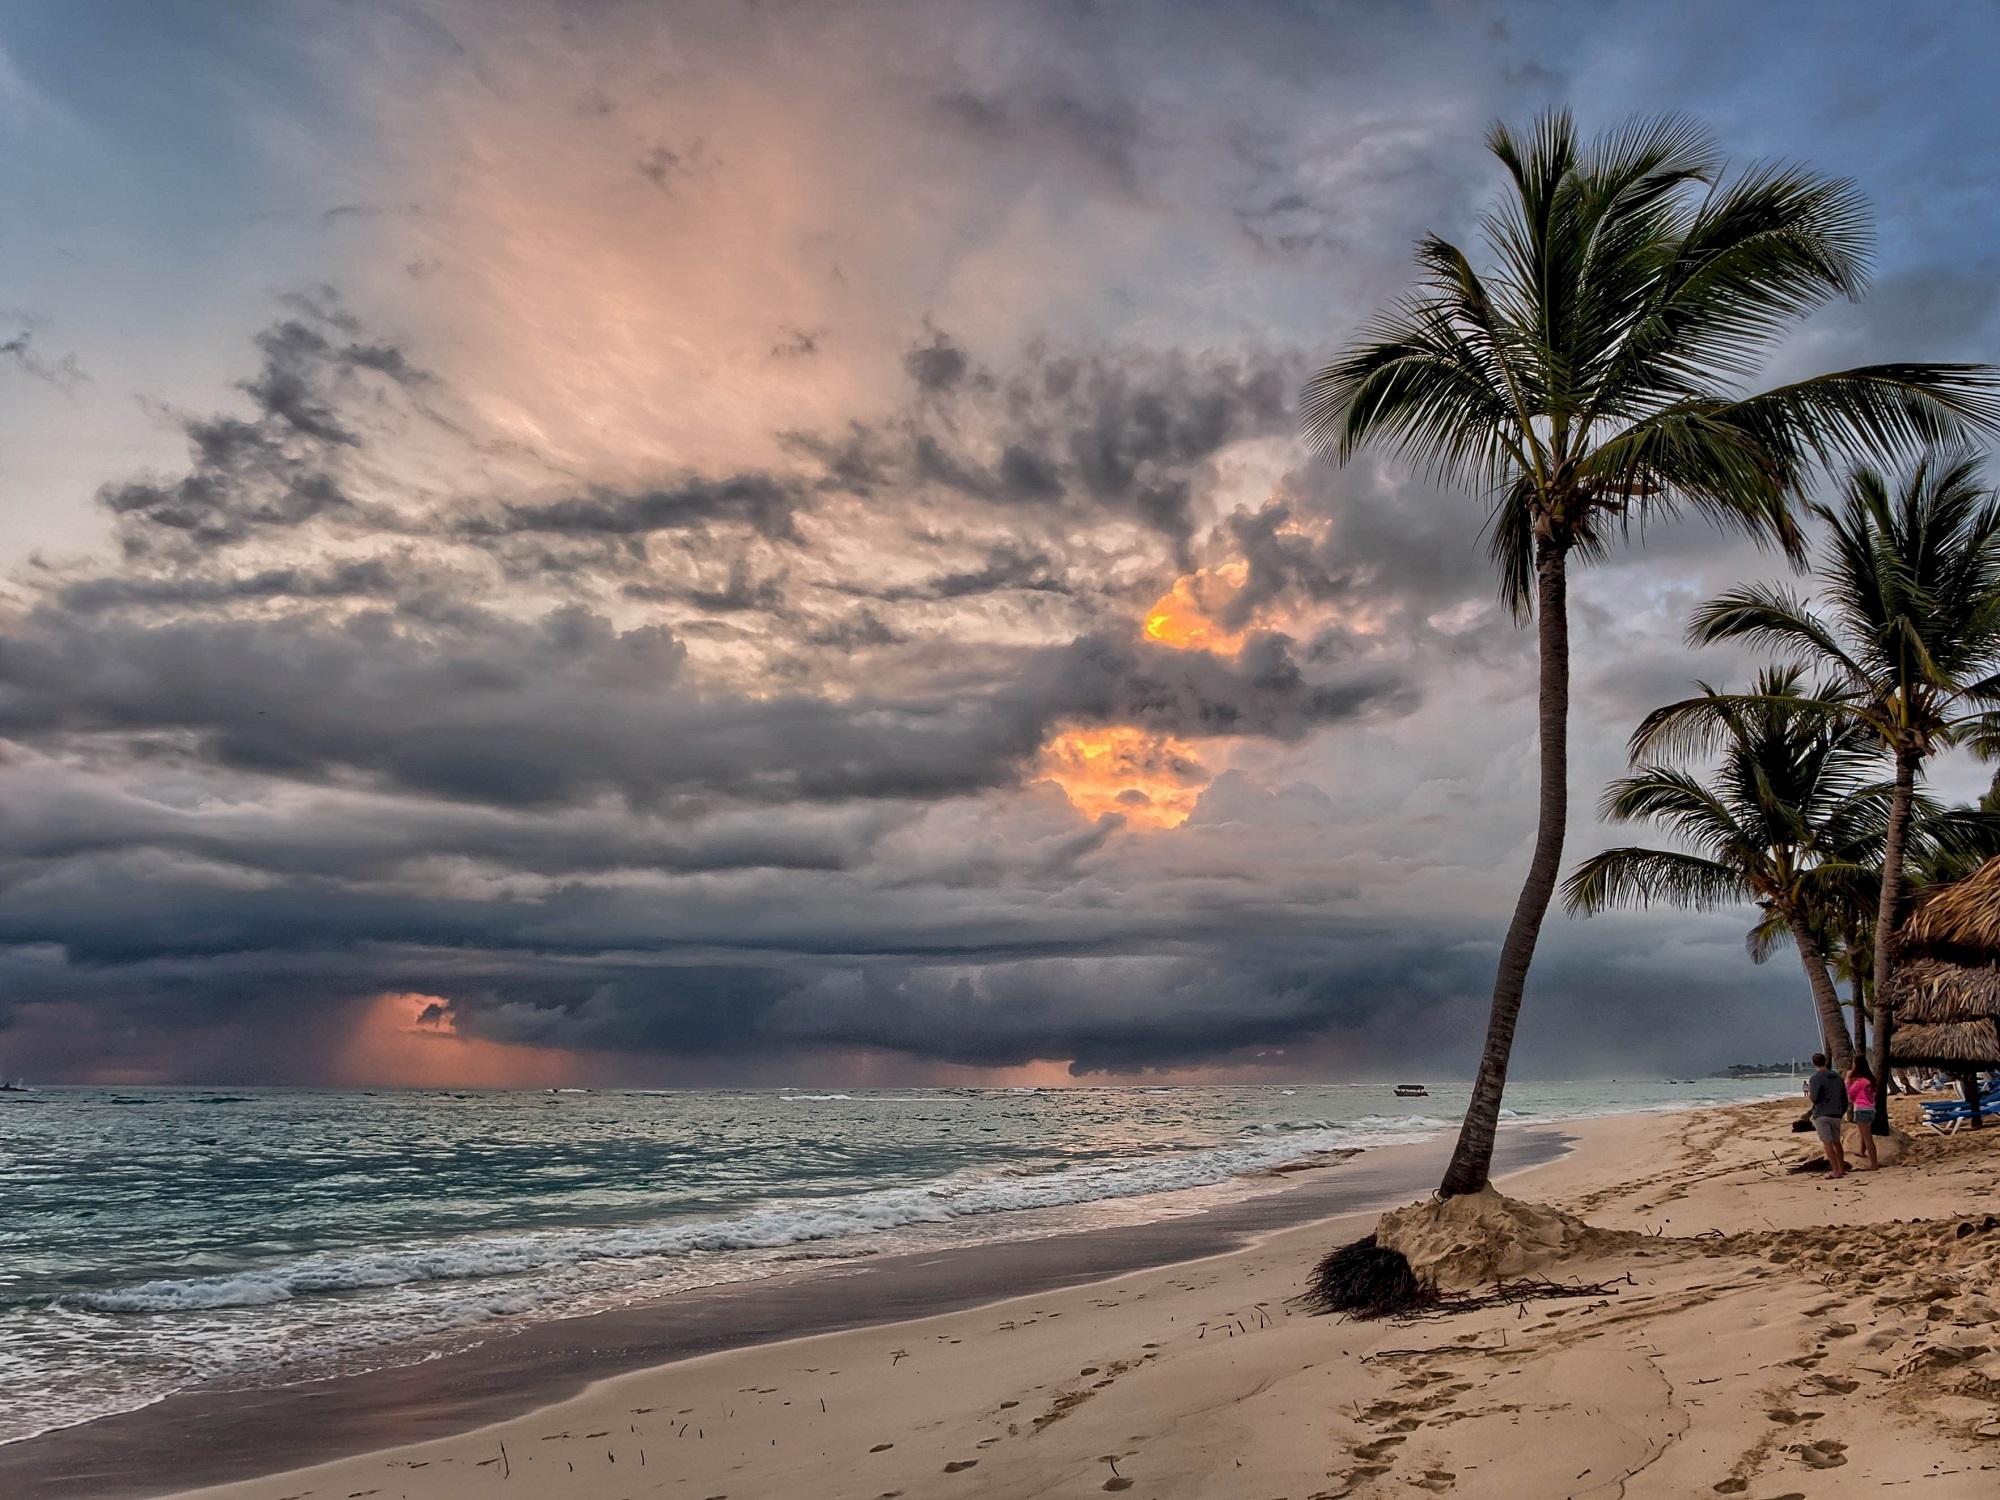 Tropical Beach, Activity, Beach, Human, Nature, HQ Photo